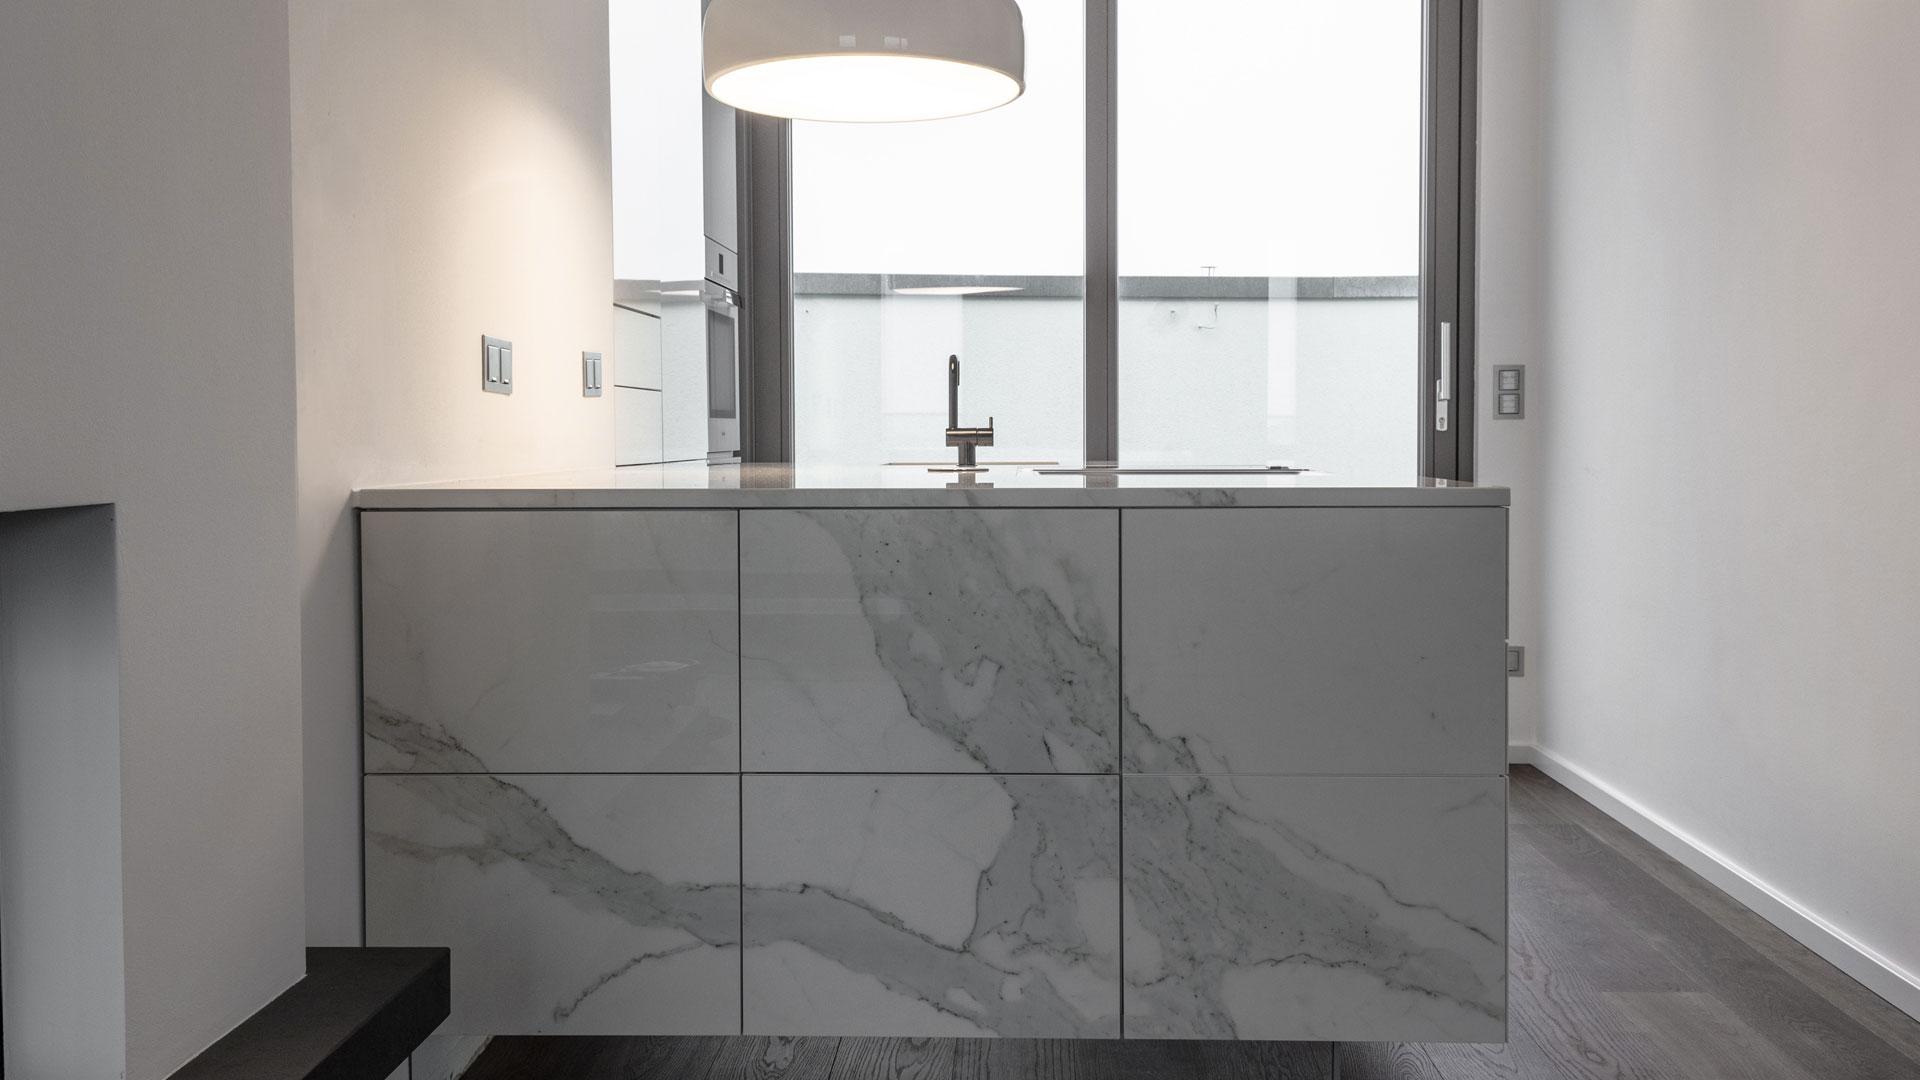 Wohnkche Mit VidroStone Keramik BHM Interieur Projekte